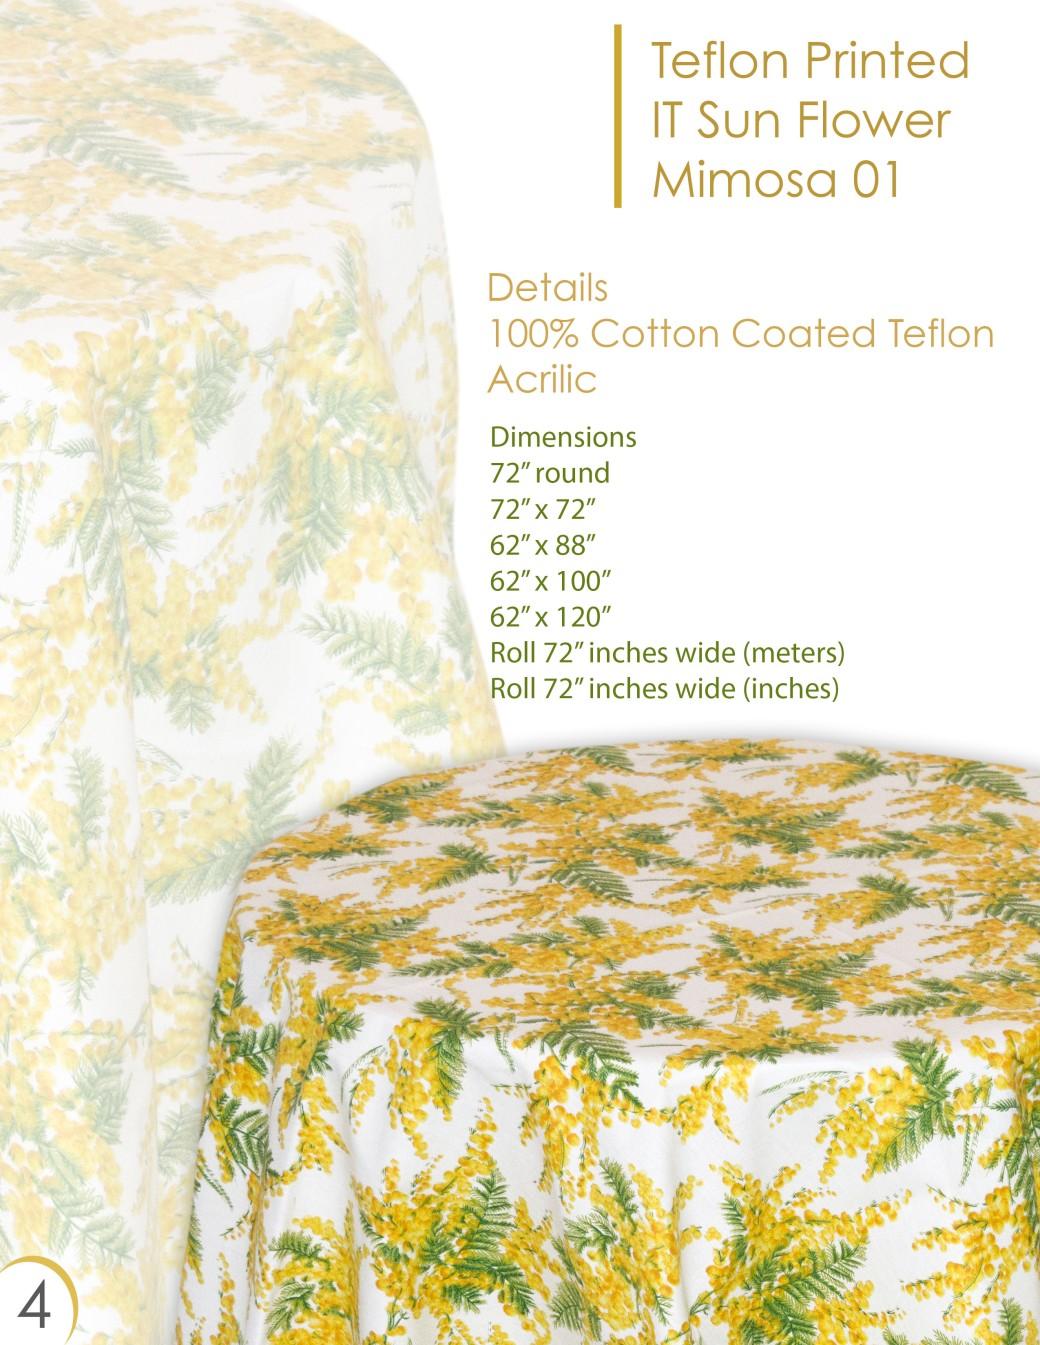 sun flower mimosa